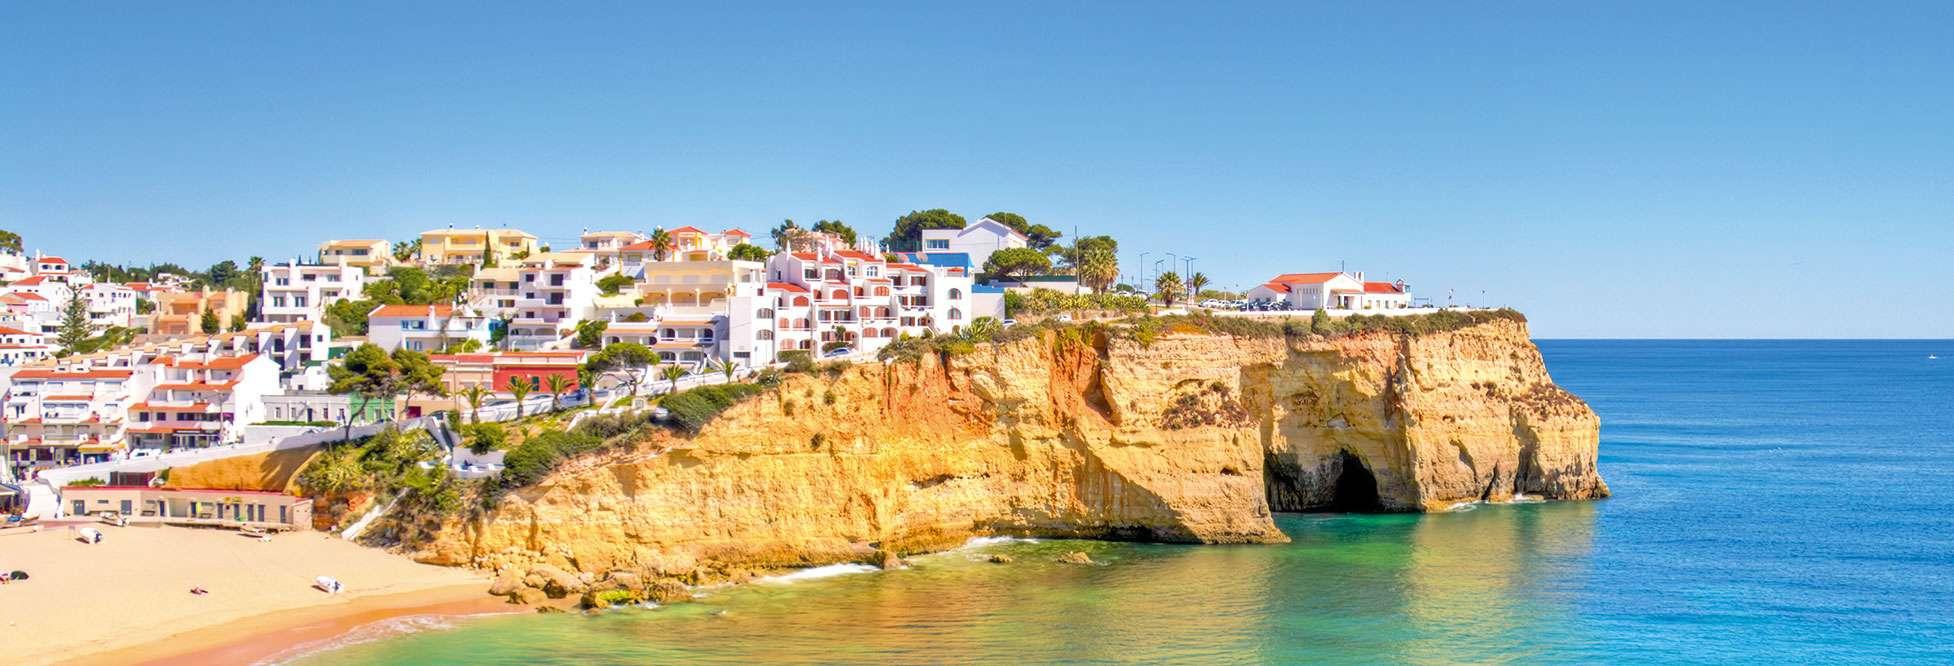 Faro Algarve Karta.Sulėtink Ritma Algarvėje Novaturas